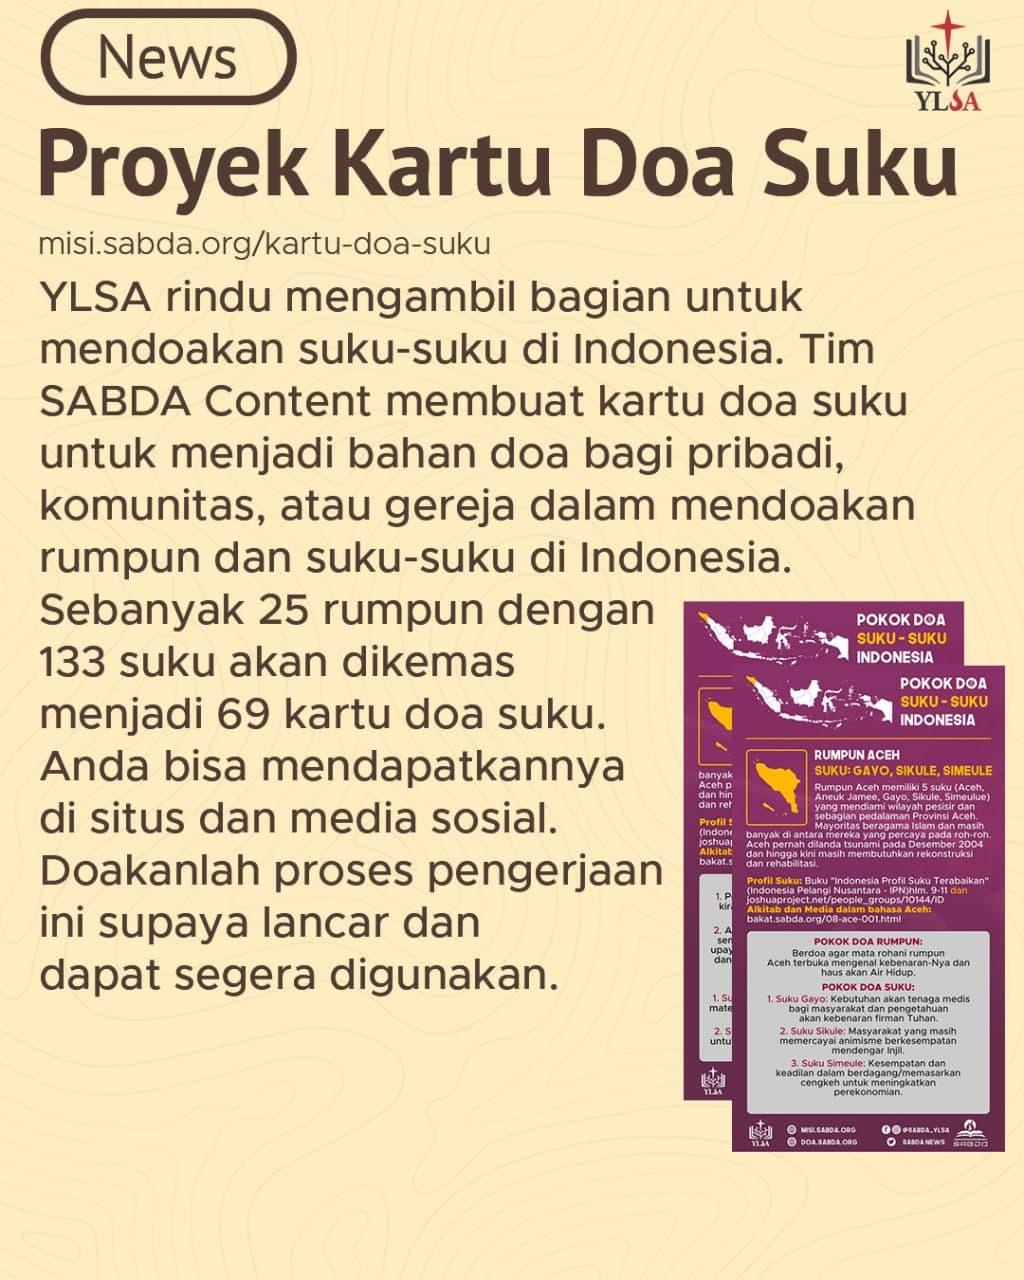 Tim SABDA Content mempersiapkan kartu-kartu doa suku untuk menjadi bahan doa bagi pribadi, komunitas, maupun gereja dalam mendoakan rumpun dan suku-suku di Indonesia.